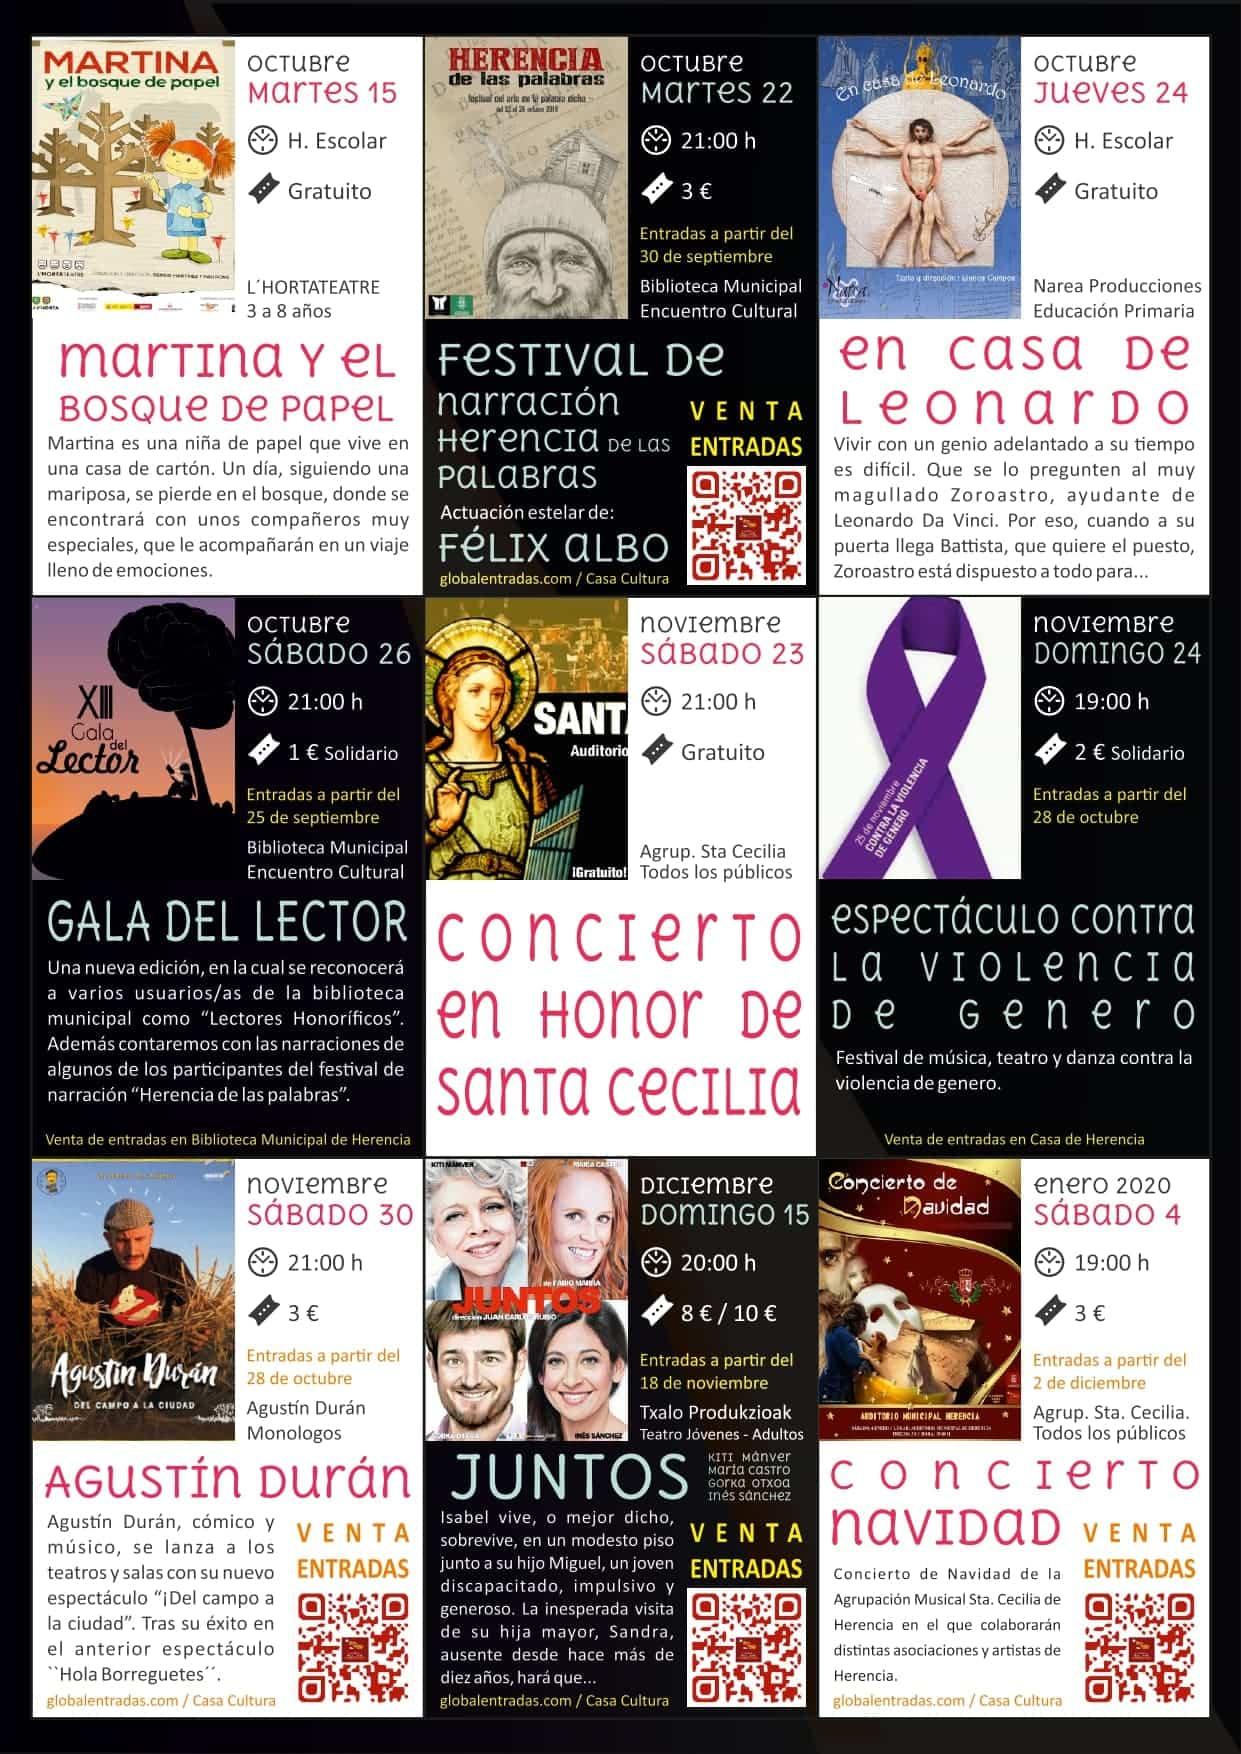 programacion cultura herencia 2019 detalles - Presentada la programación cultural de Herencia para la nueva temporada en el Auditorio Municipal